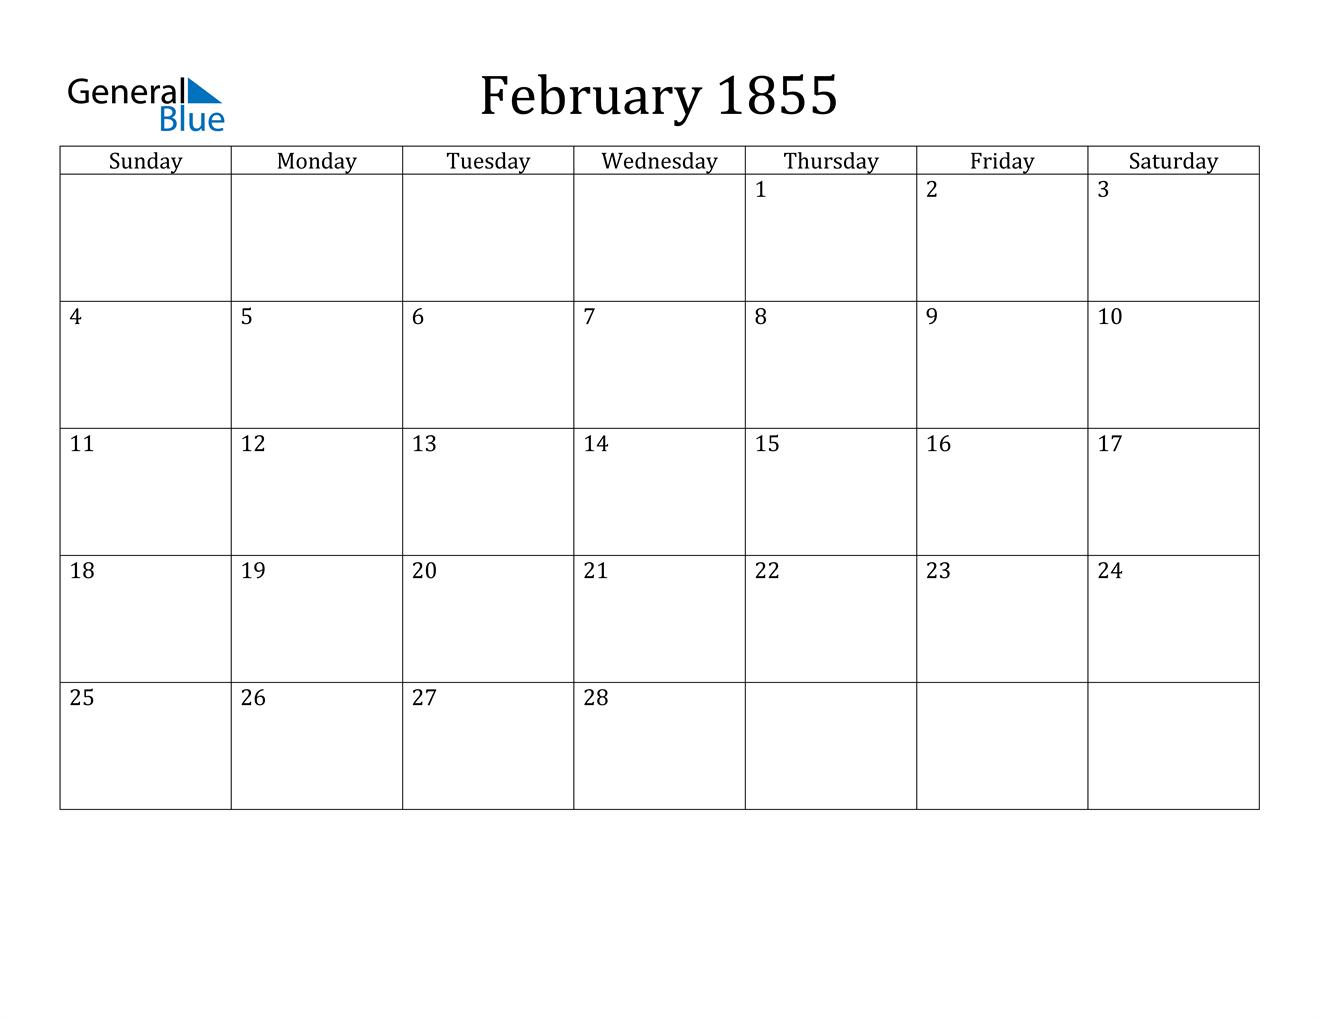 Image of February 1855 Calendar